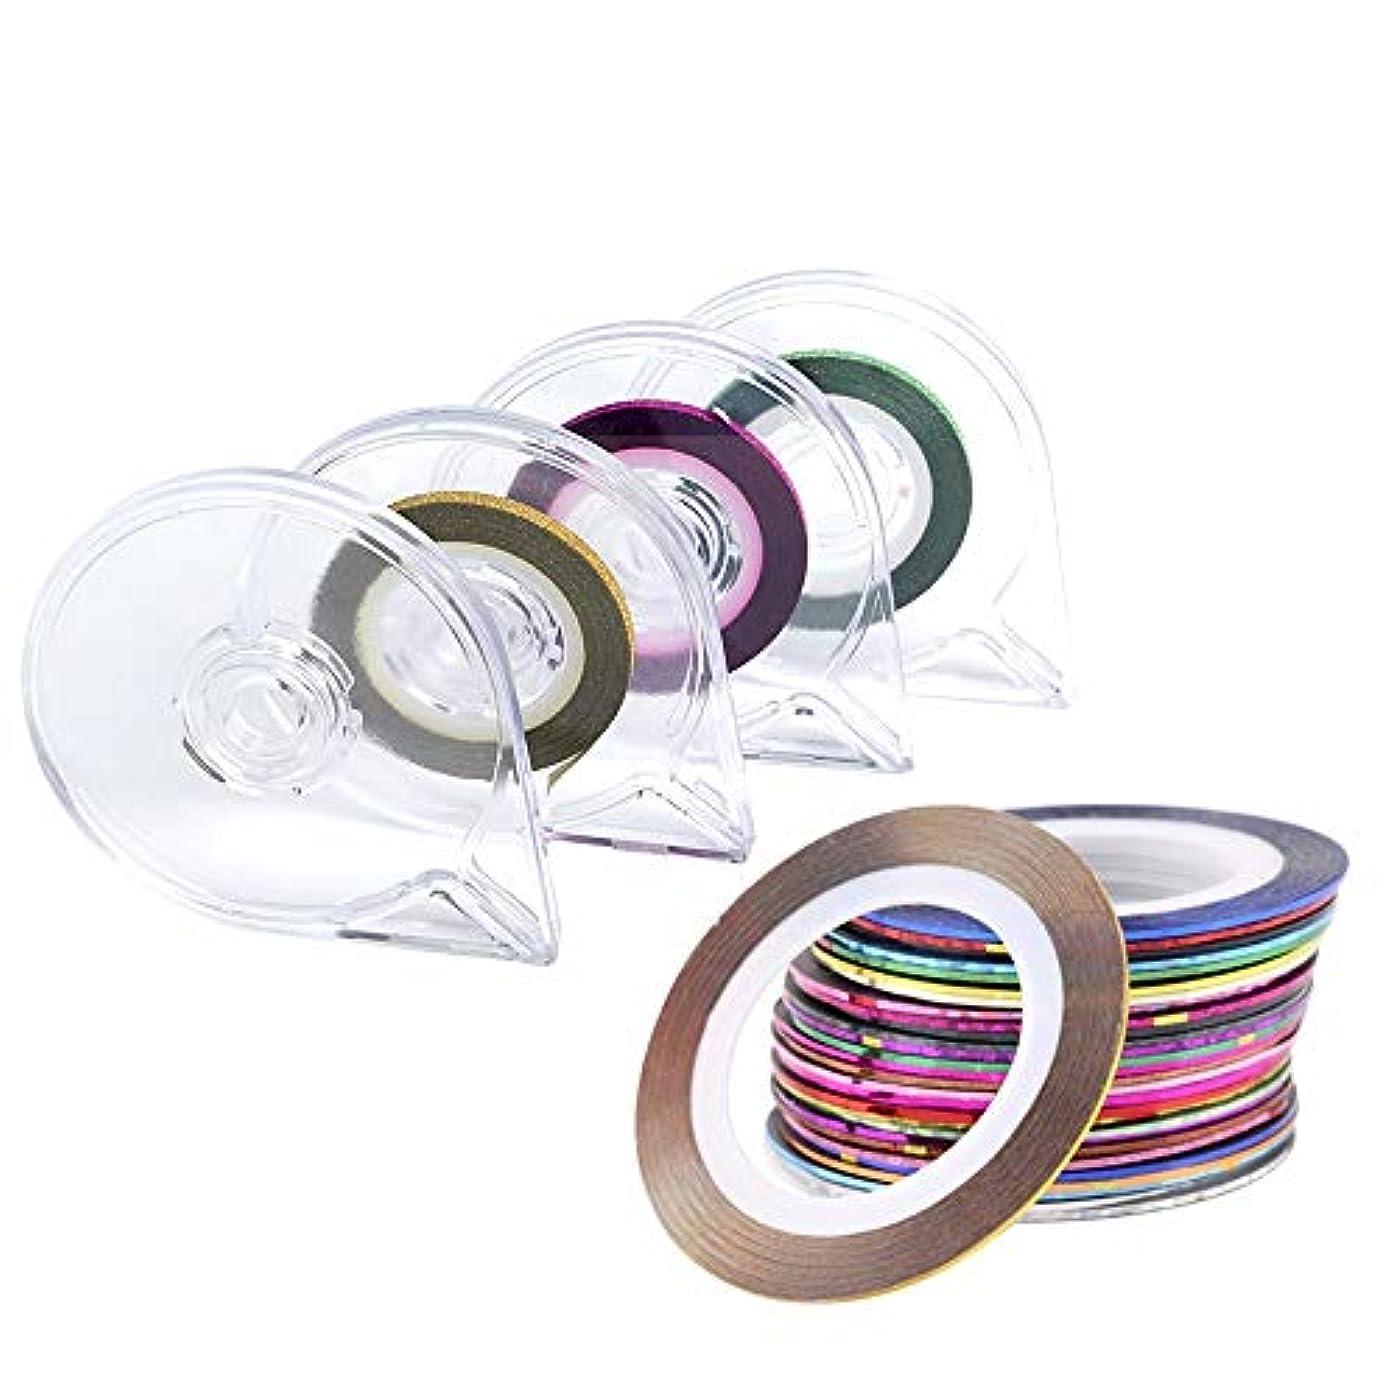 快い削除するコンプリートラインテープネイルアート用 ラインテープ シート ジェルネイル用 マニキュア セット ジェルネイル アート用ラインテープ 専用ケース付き 30ピース (Color : Mixed Colour)